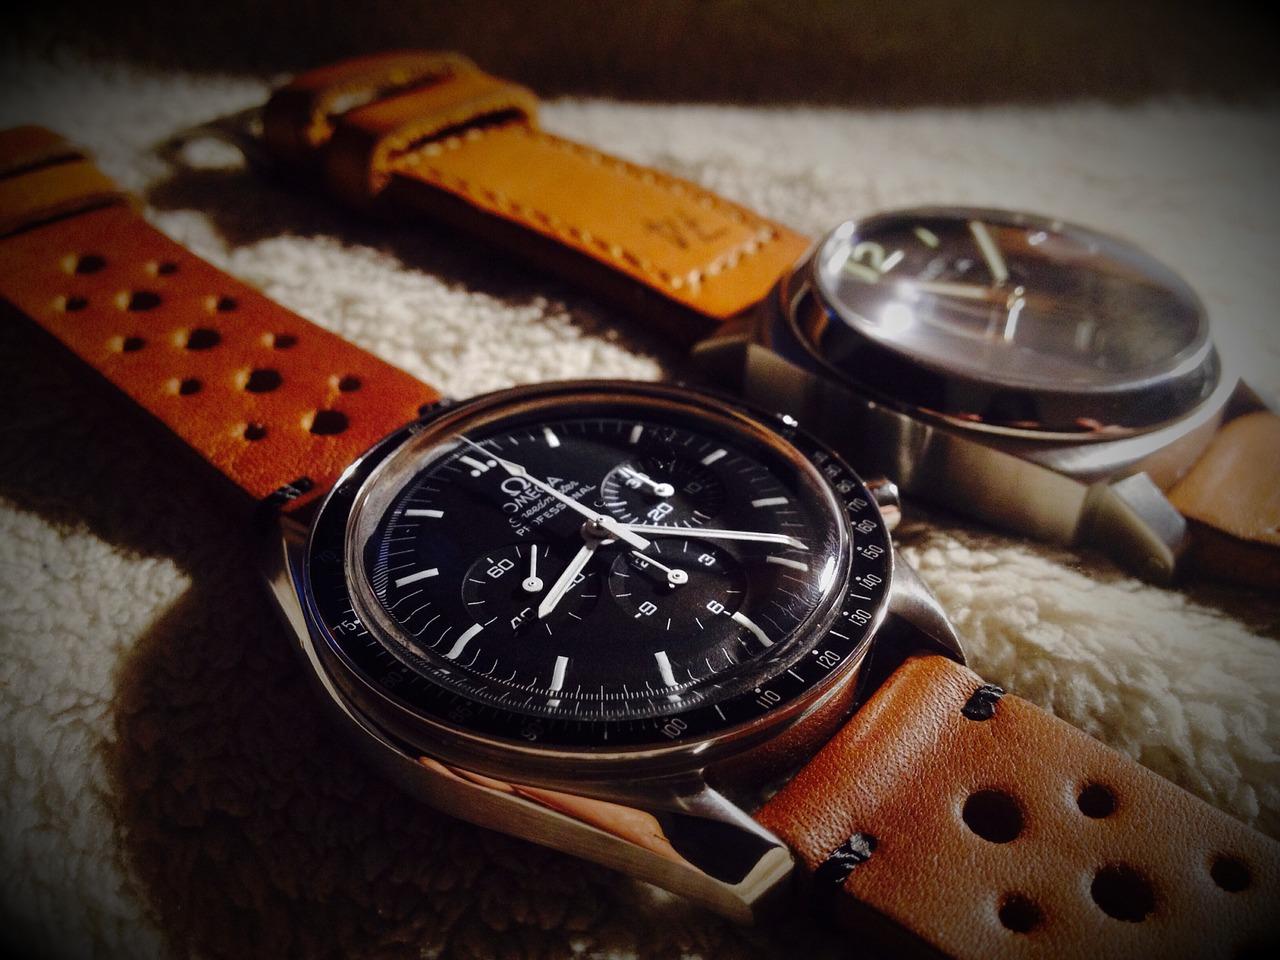 オメガの腕時計どこで売る?おすすめ買取業者と人気デザインを大公開!のサムネイル画像